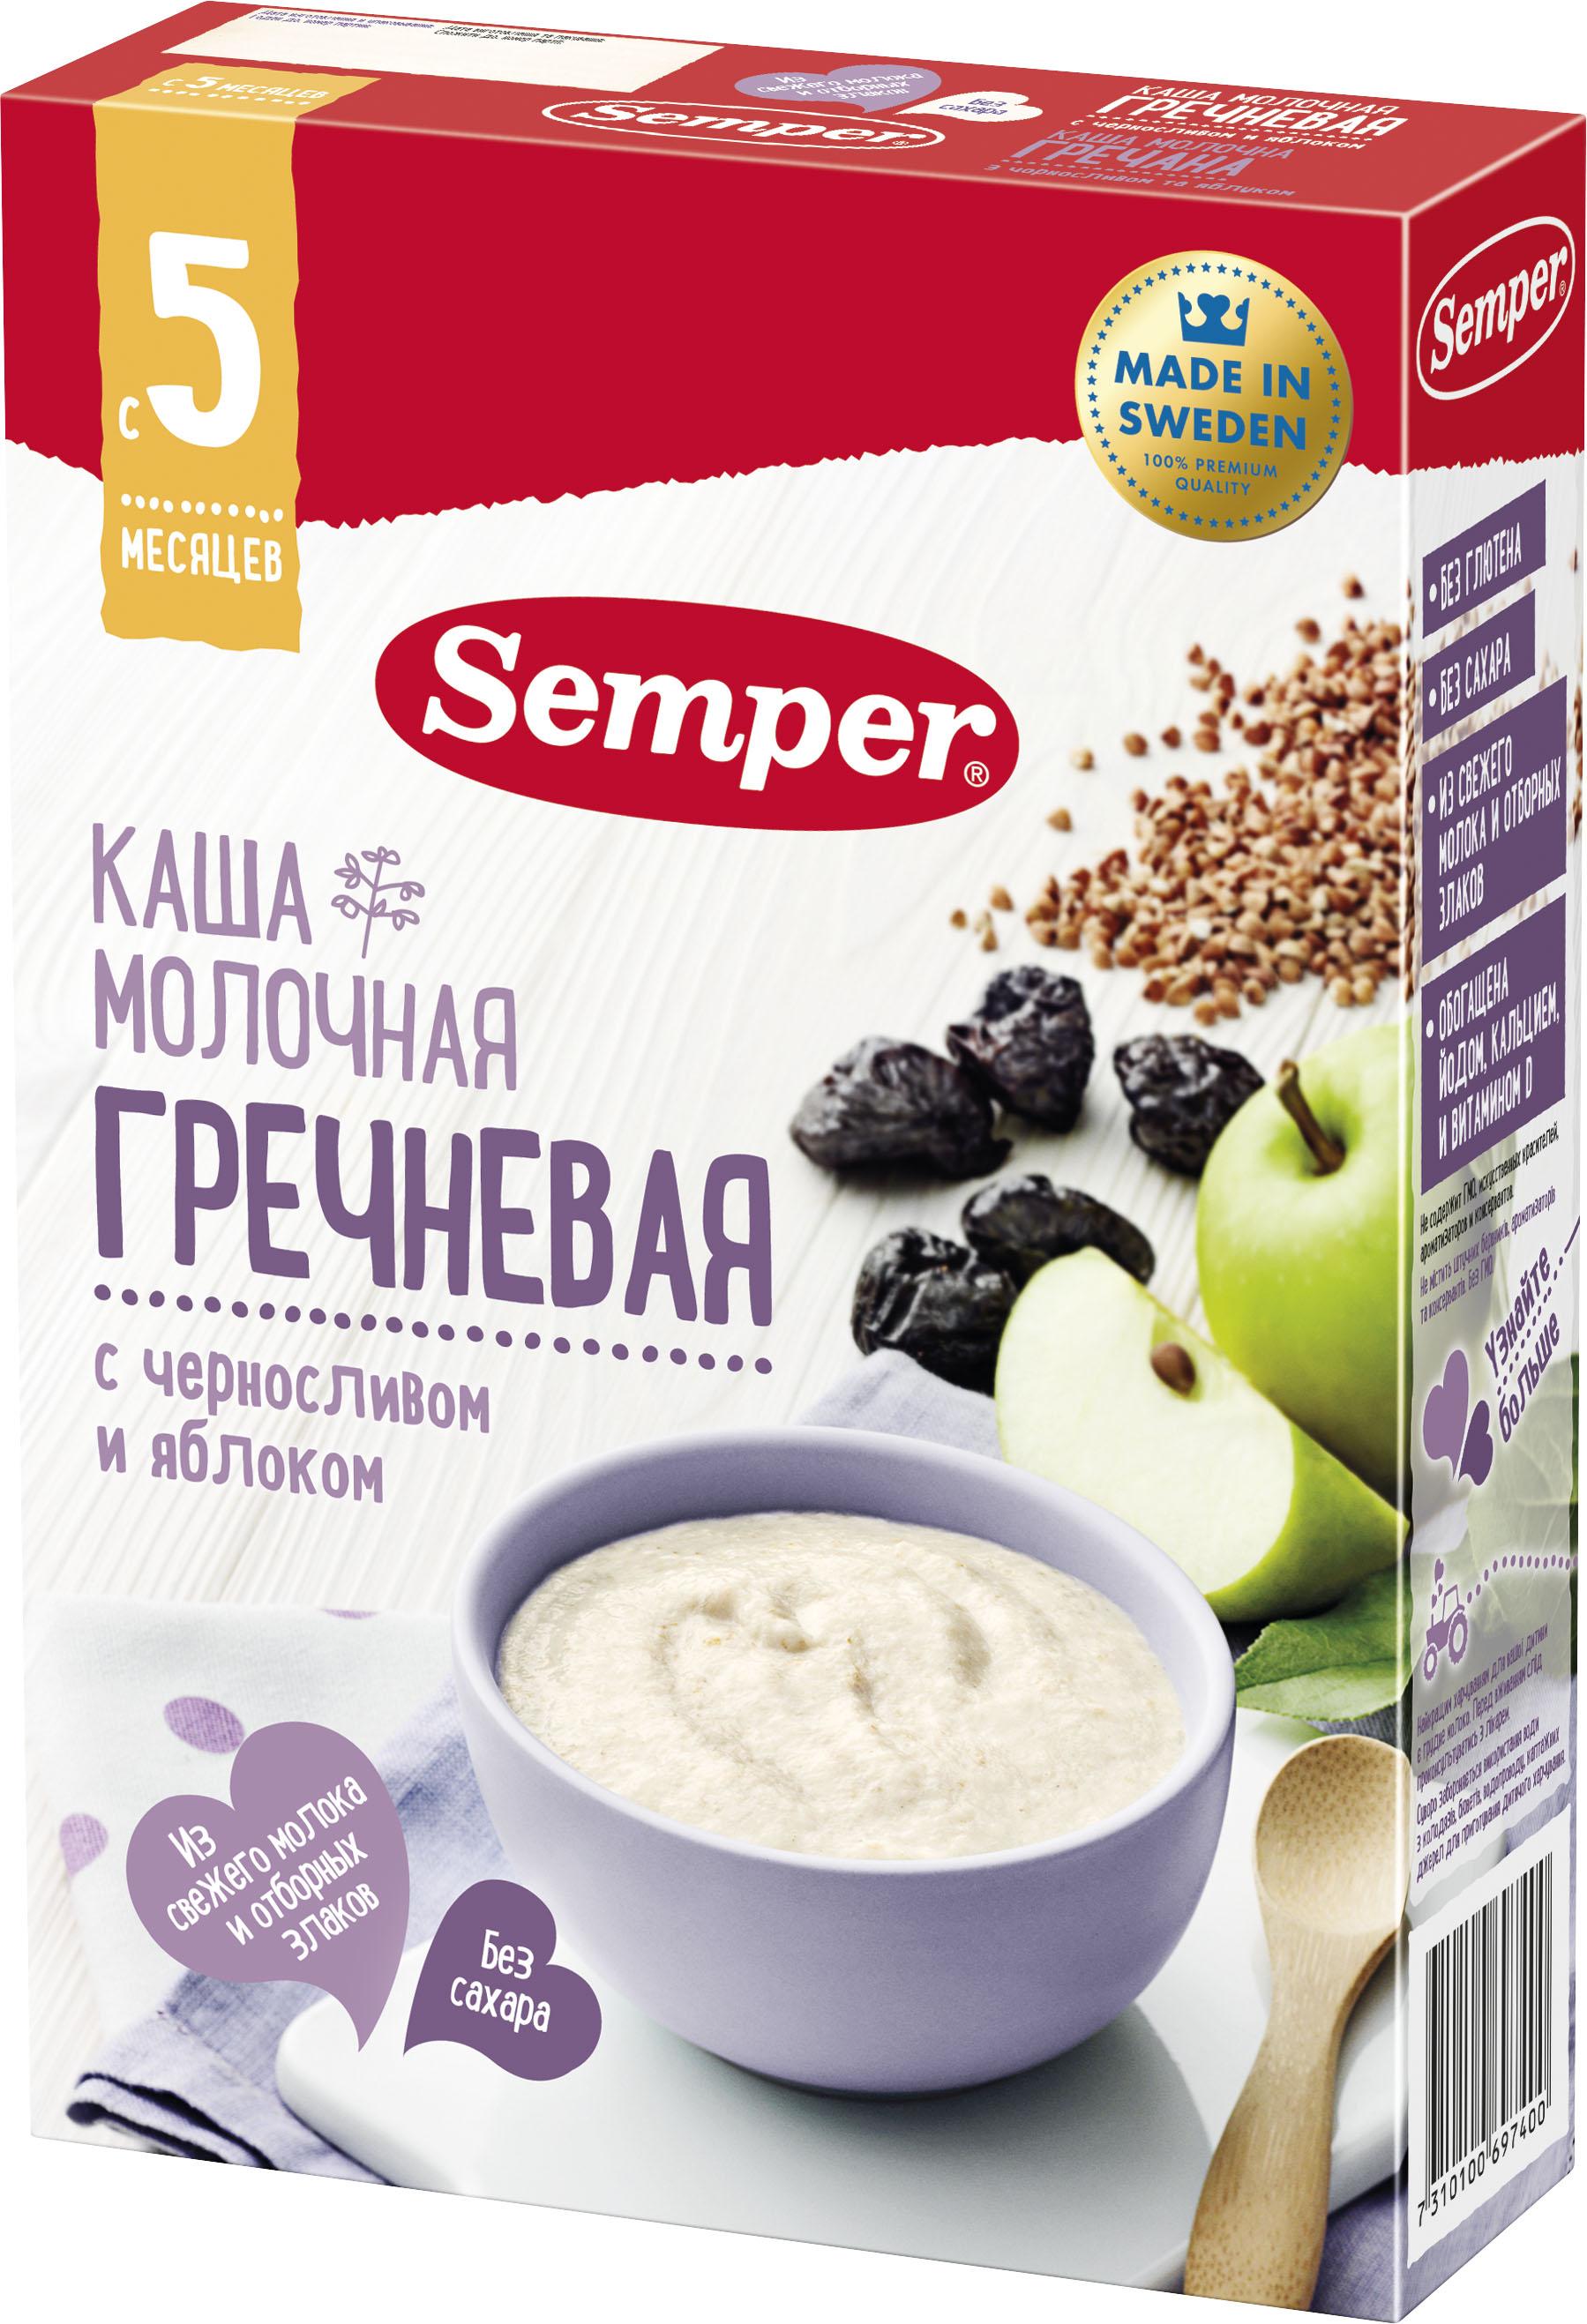 Каша Semper Semper Молочная гречневая с черносливом и яблоком (с 5 месяцев) 200 г каша semper semper молочная мультизлаковая с бананом малиной и йогуртом с 10 месяцев 200 г